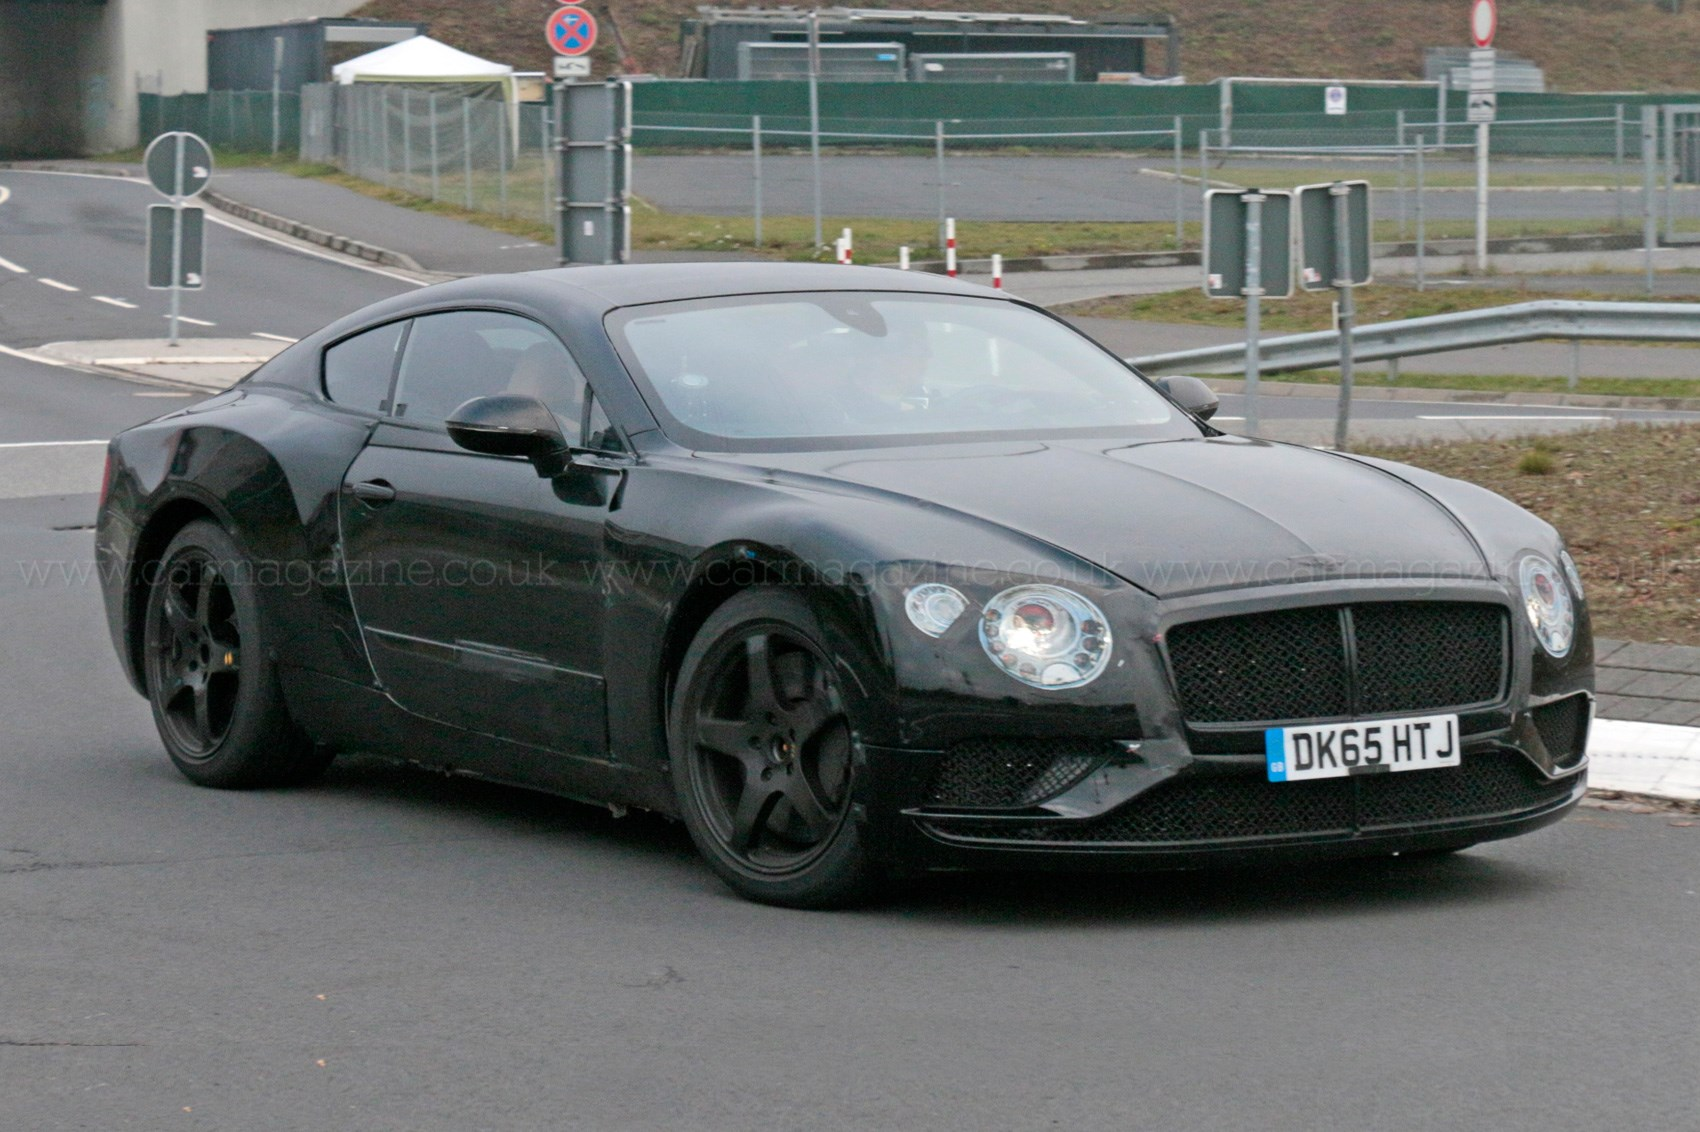 Вweb-сети интернет появились новые рендеры Бентли континенталь GT2018